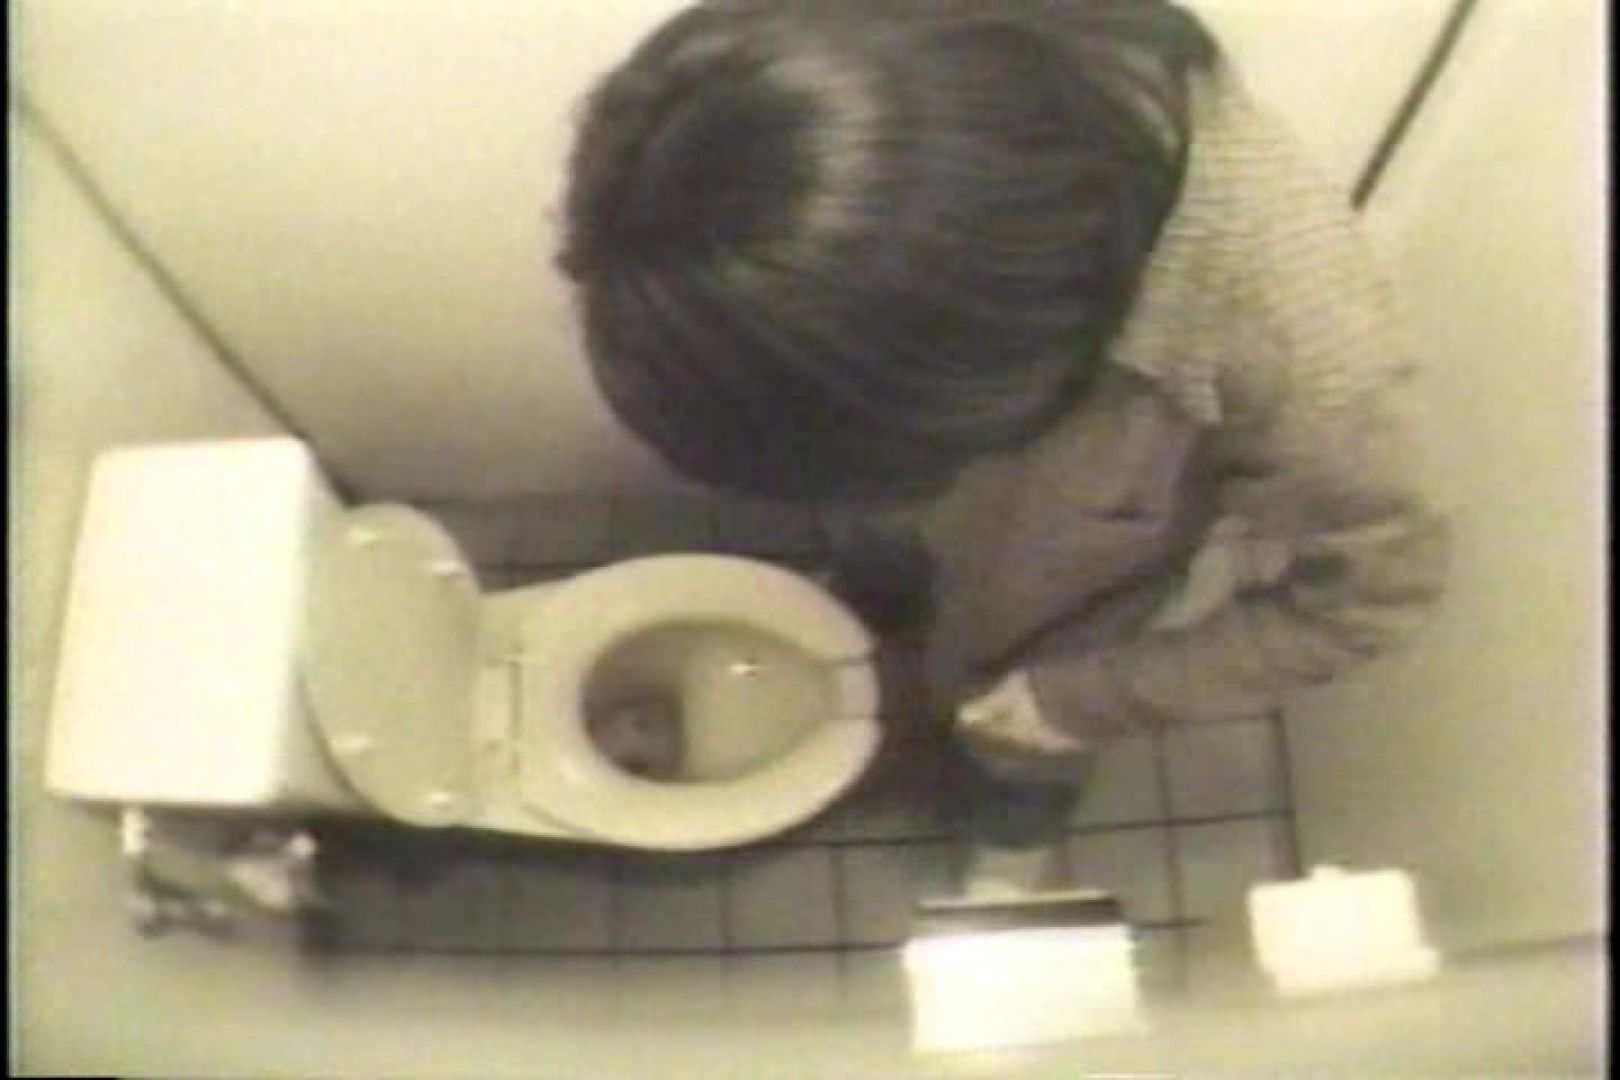 盗撮 女子洗面所3ヶ所入ってしゃがんで音出して 洗面所 オマンコ無修正動画無料 109連発 11